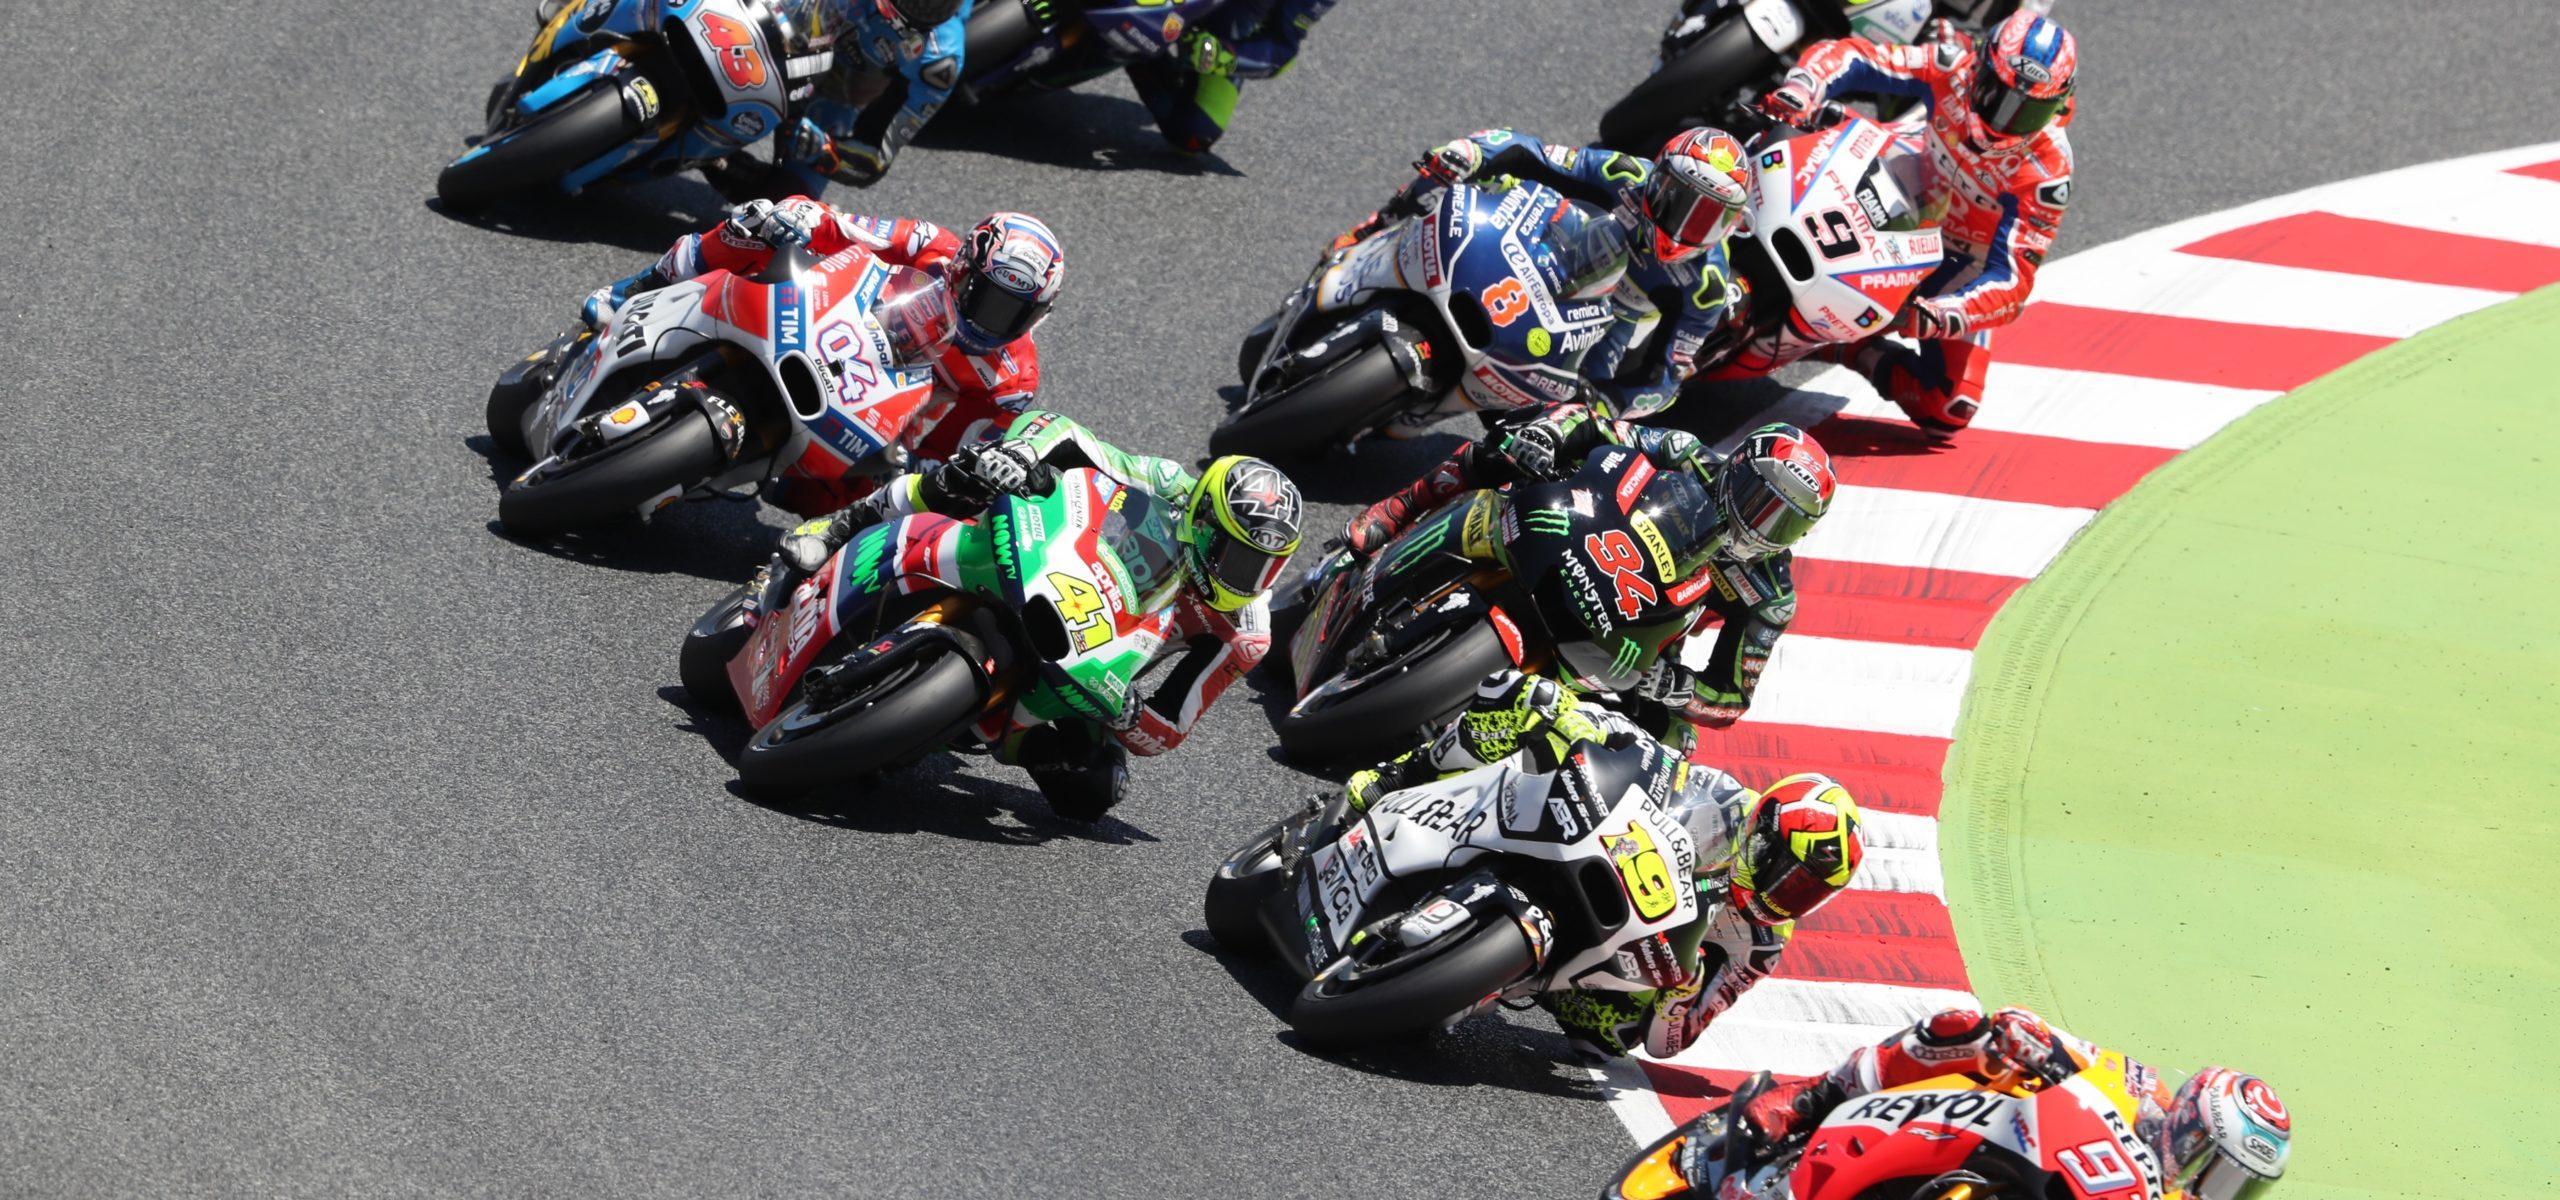 MotoGP 18 bikes banner